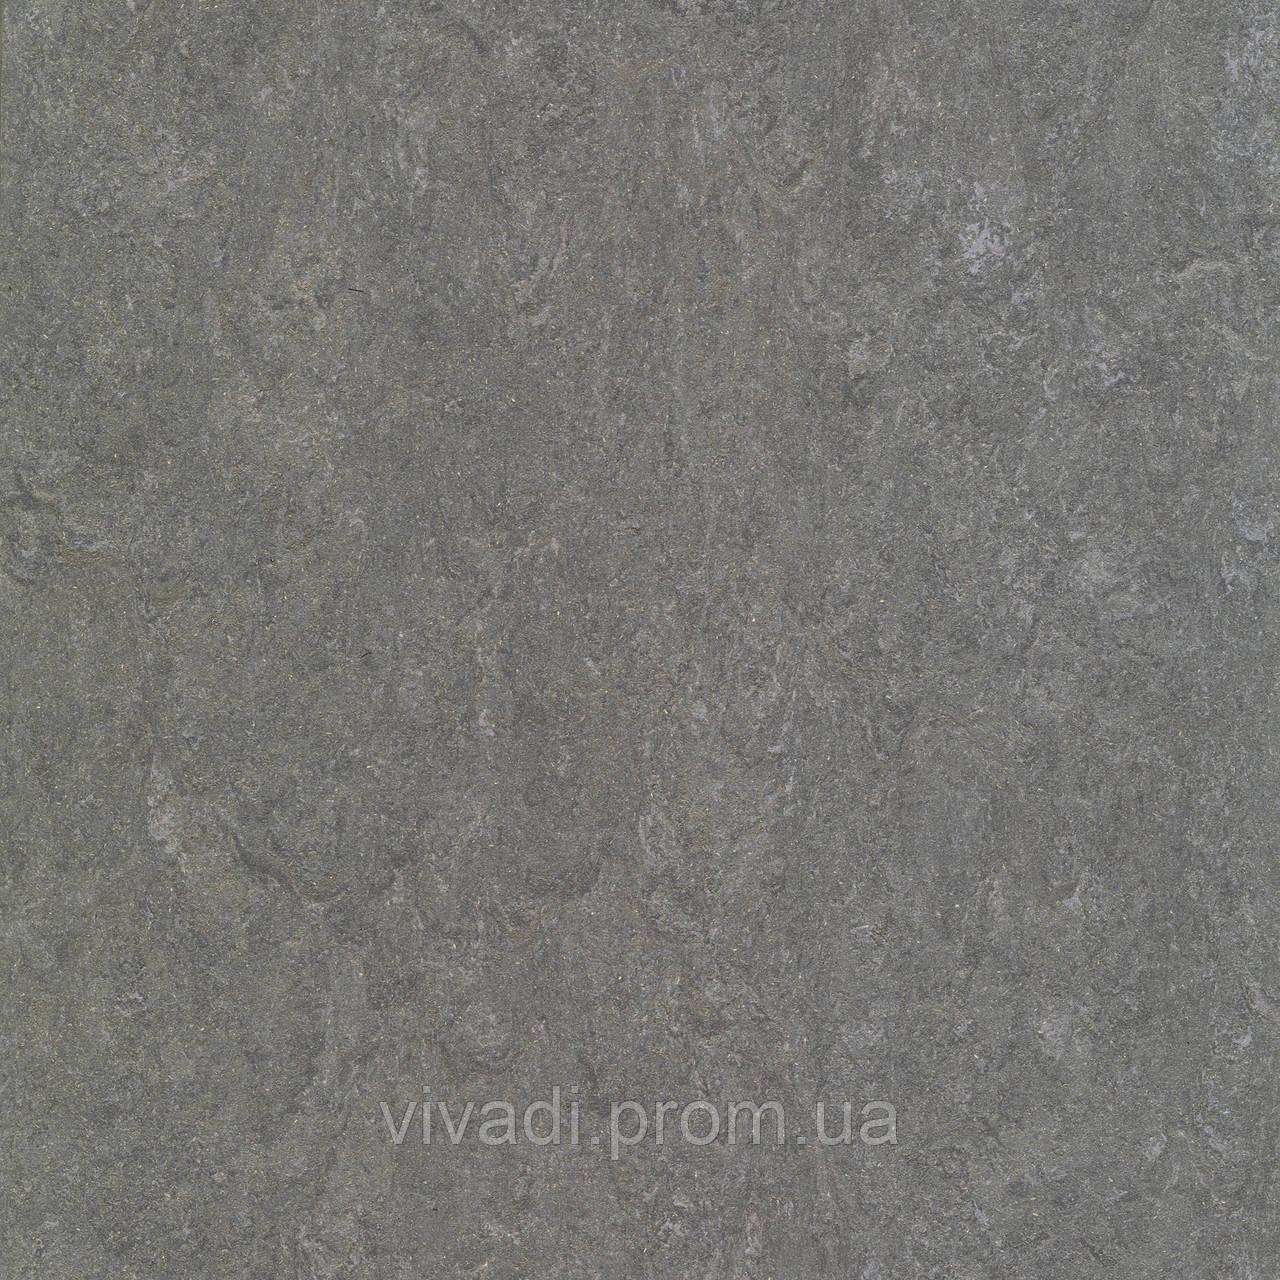 Натуральний лінолеум Marmorette PUR - колір 125-159